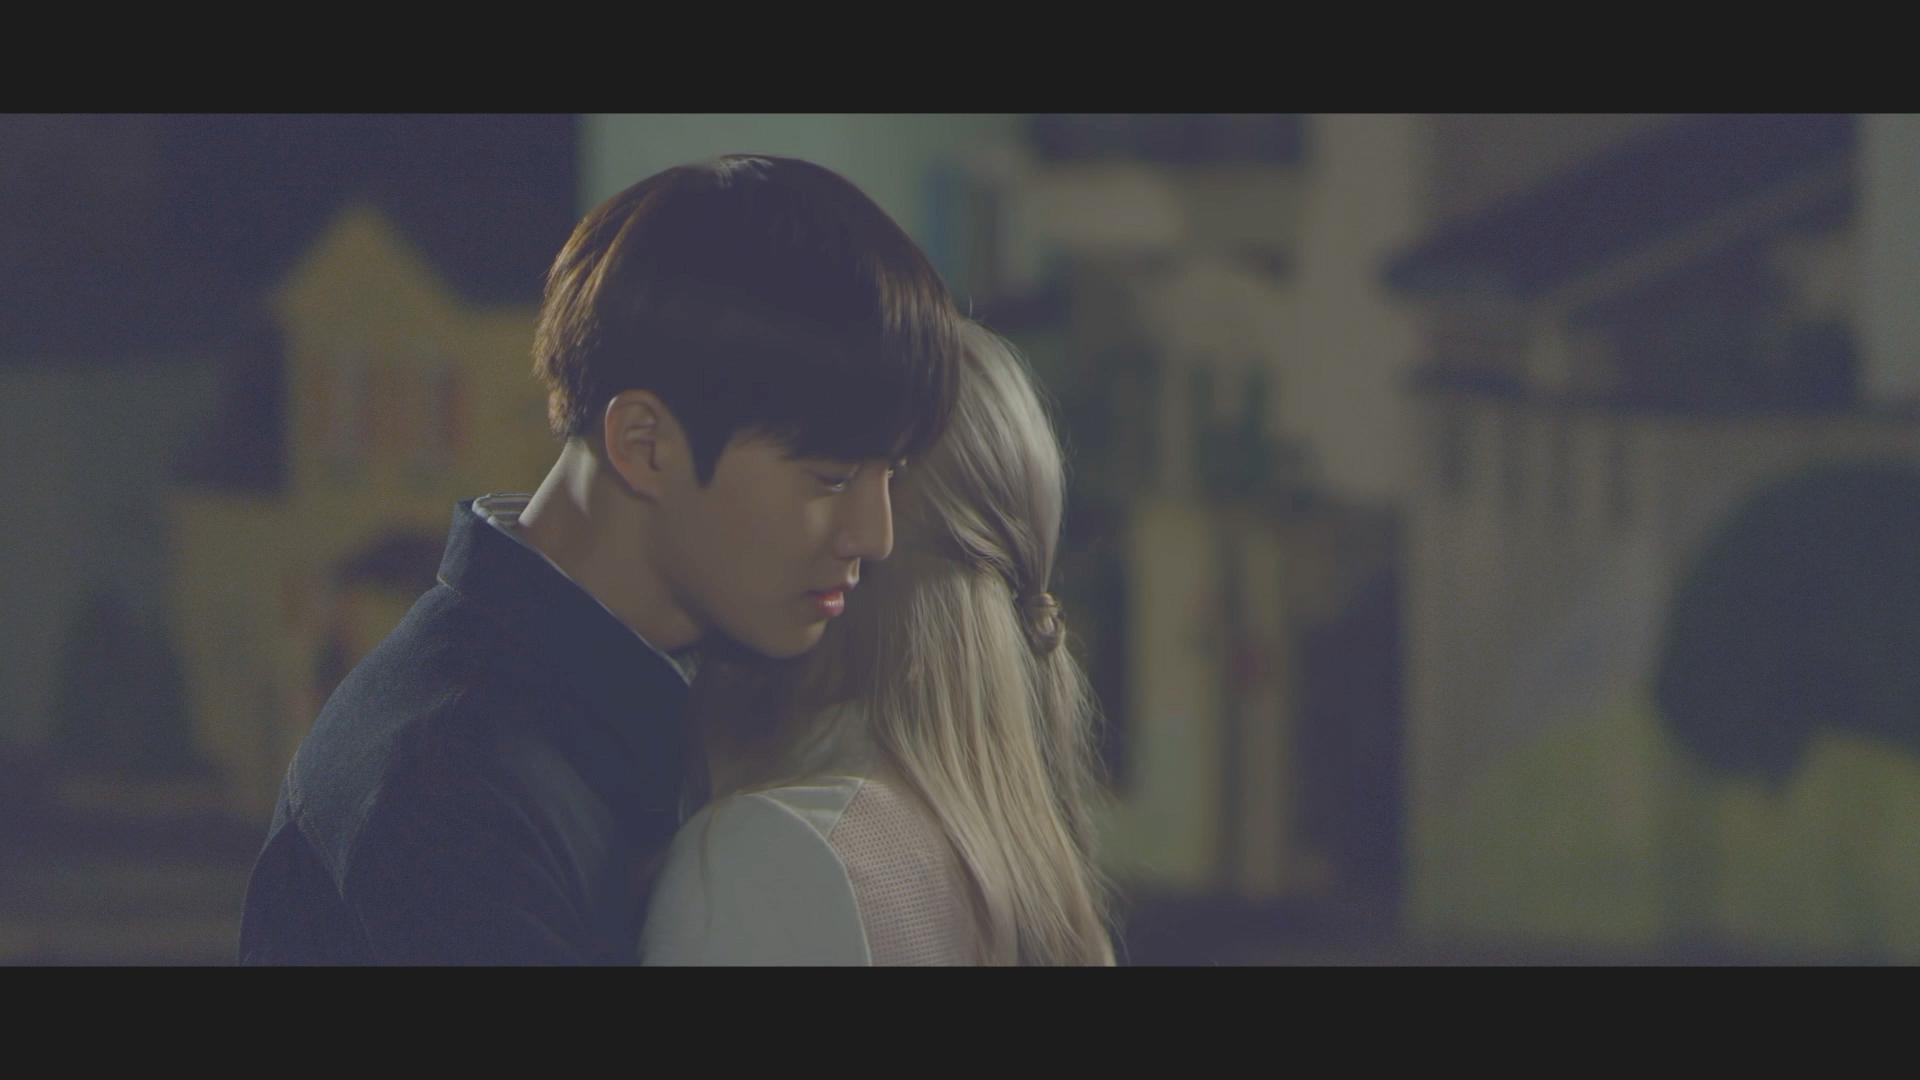 [하와유브레드 OST] SUHO 수호 'SEDANSOGU (세상에 단 하나뿐인 소중한 그대)' MV